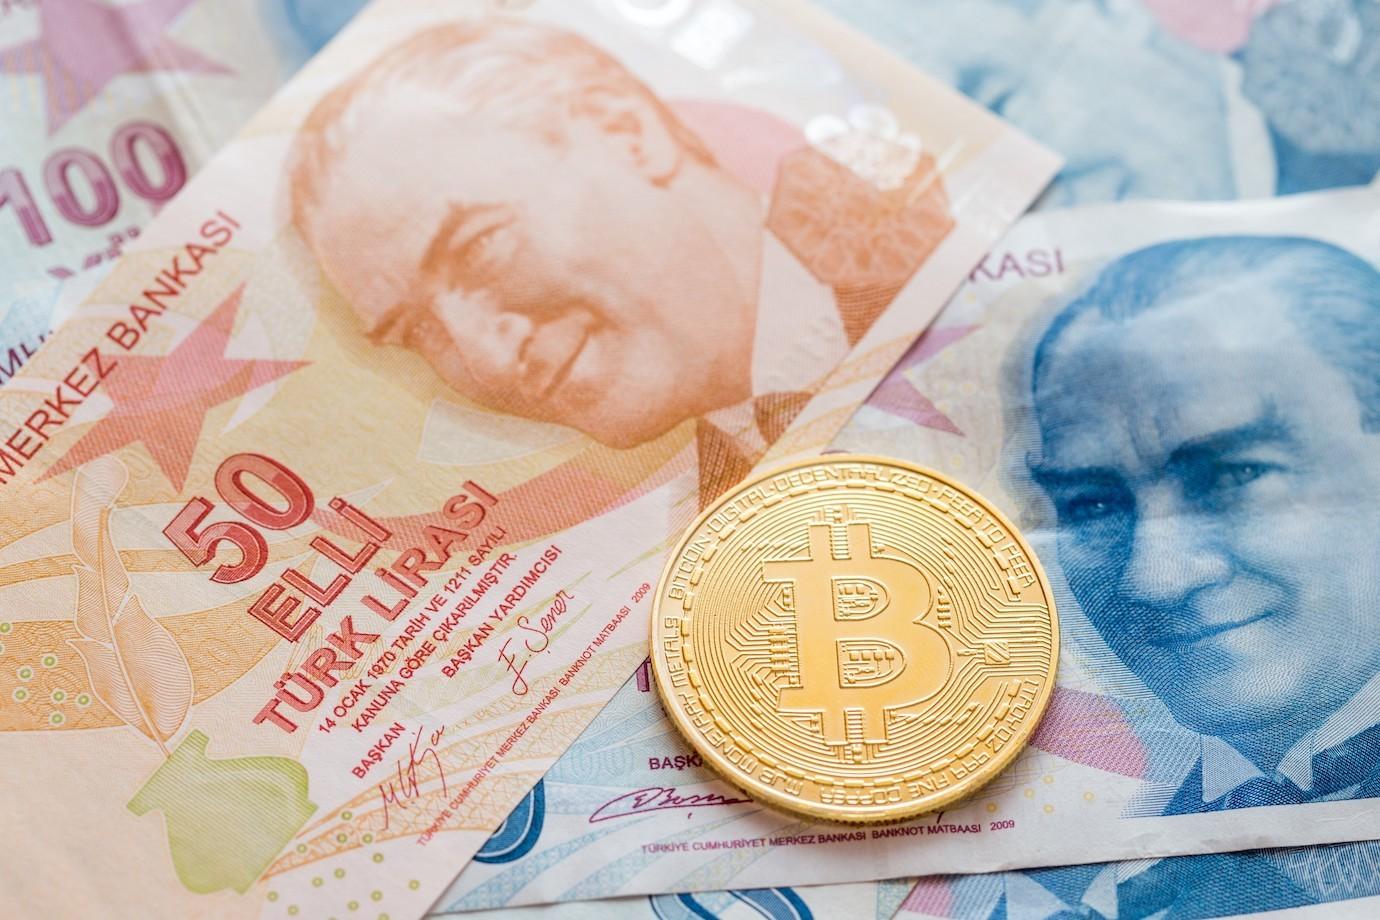 Bugün Bitcoin (BTC) Fiyatı Ne Kadar? {Tarih} BTC Fiyatı Canlı Takibi